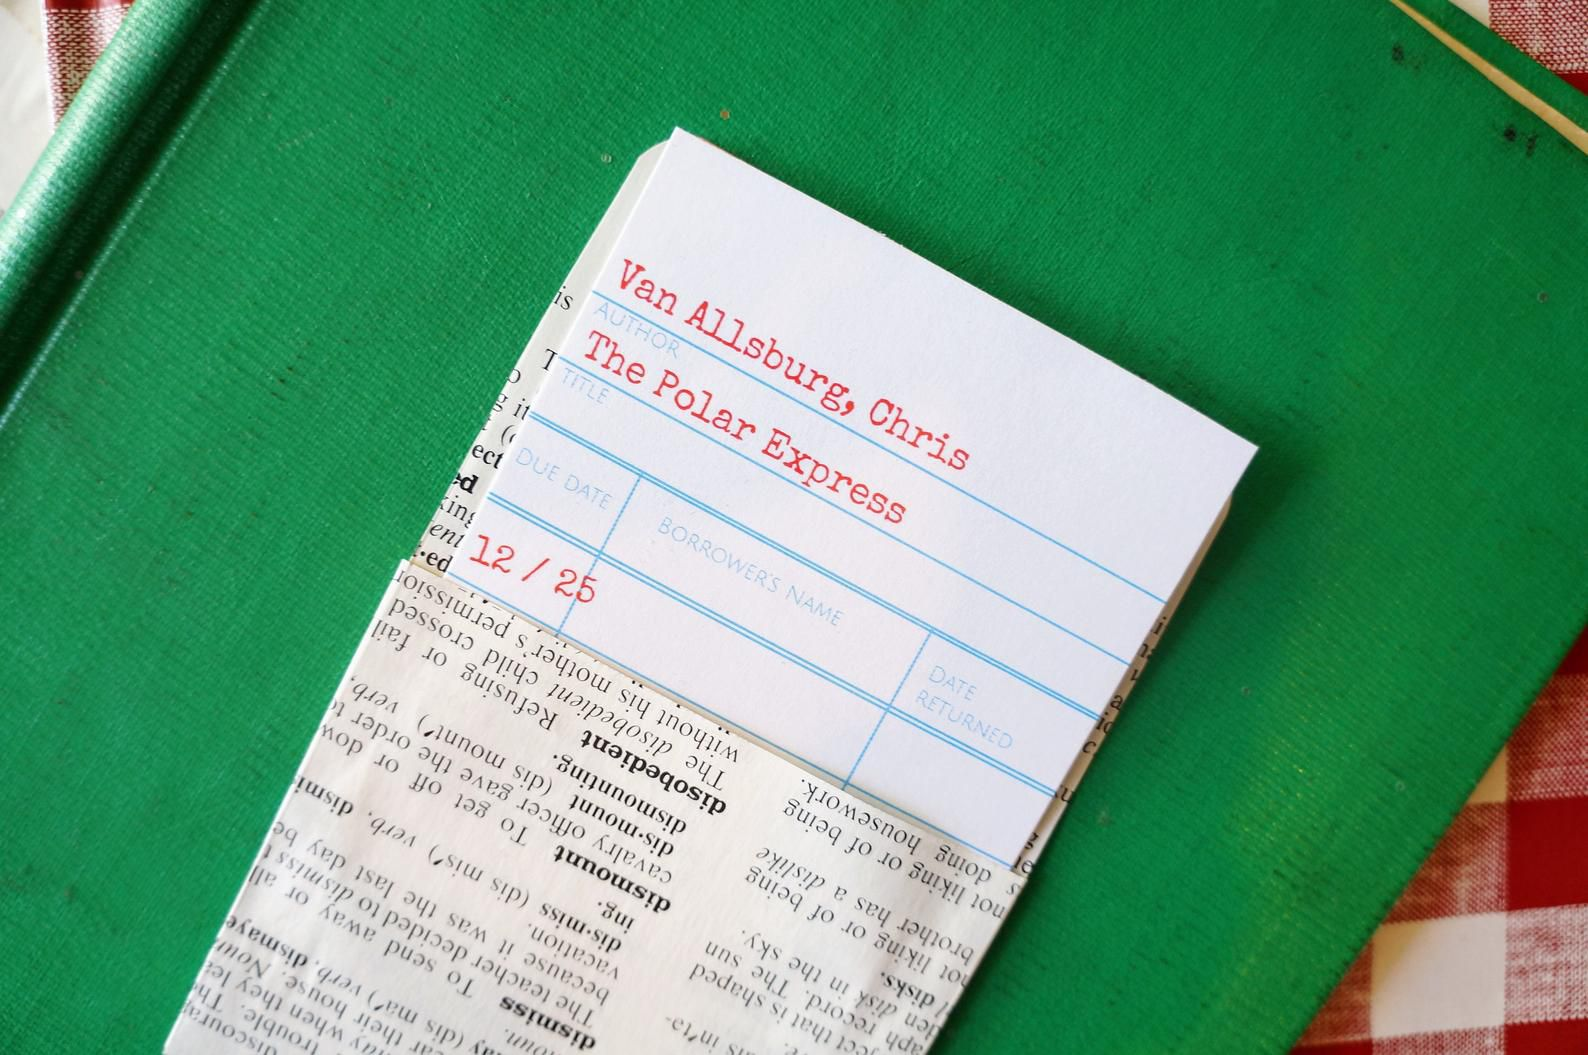 Polar Express Christmas Library Card